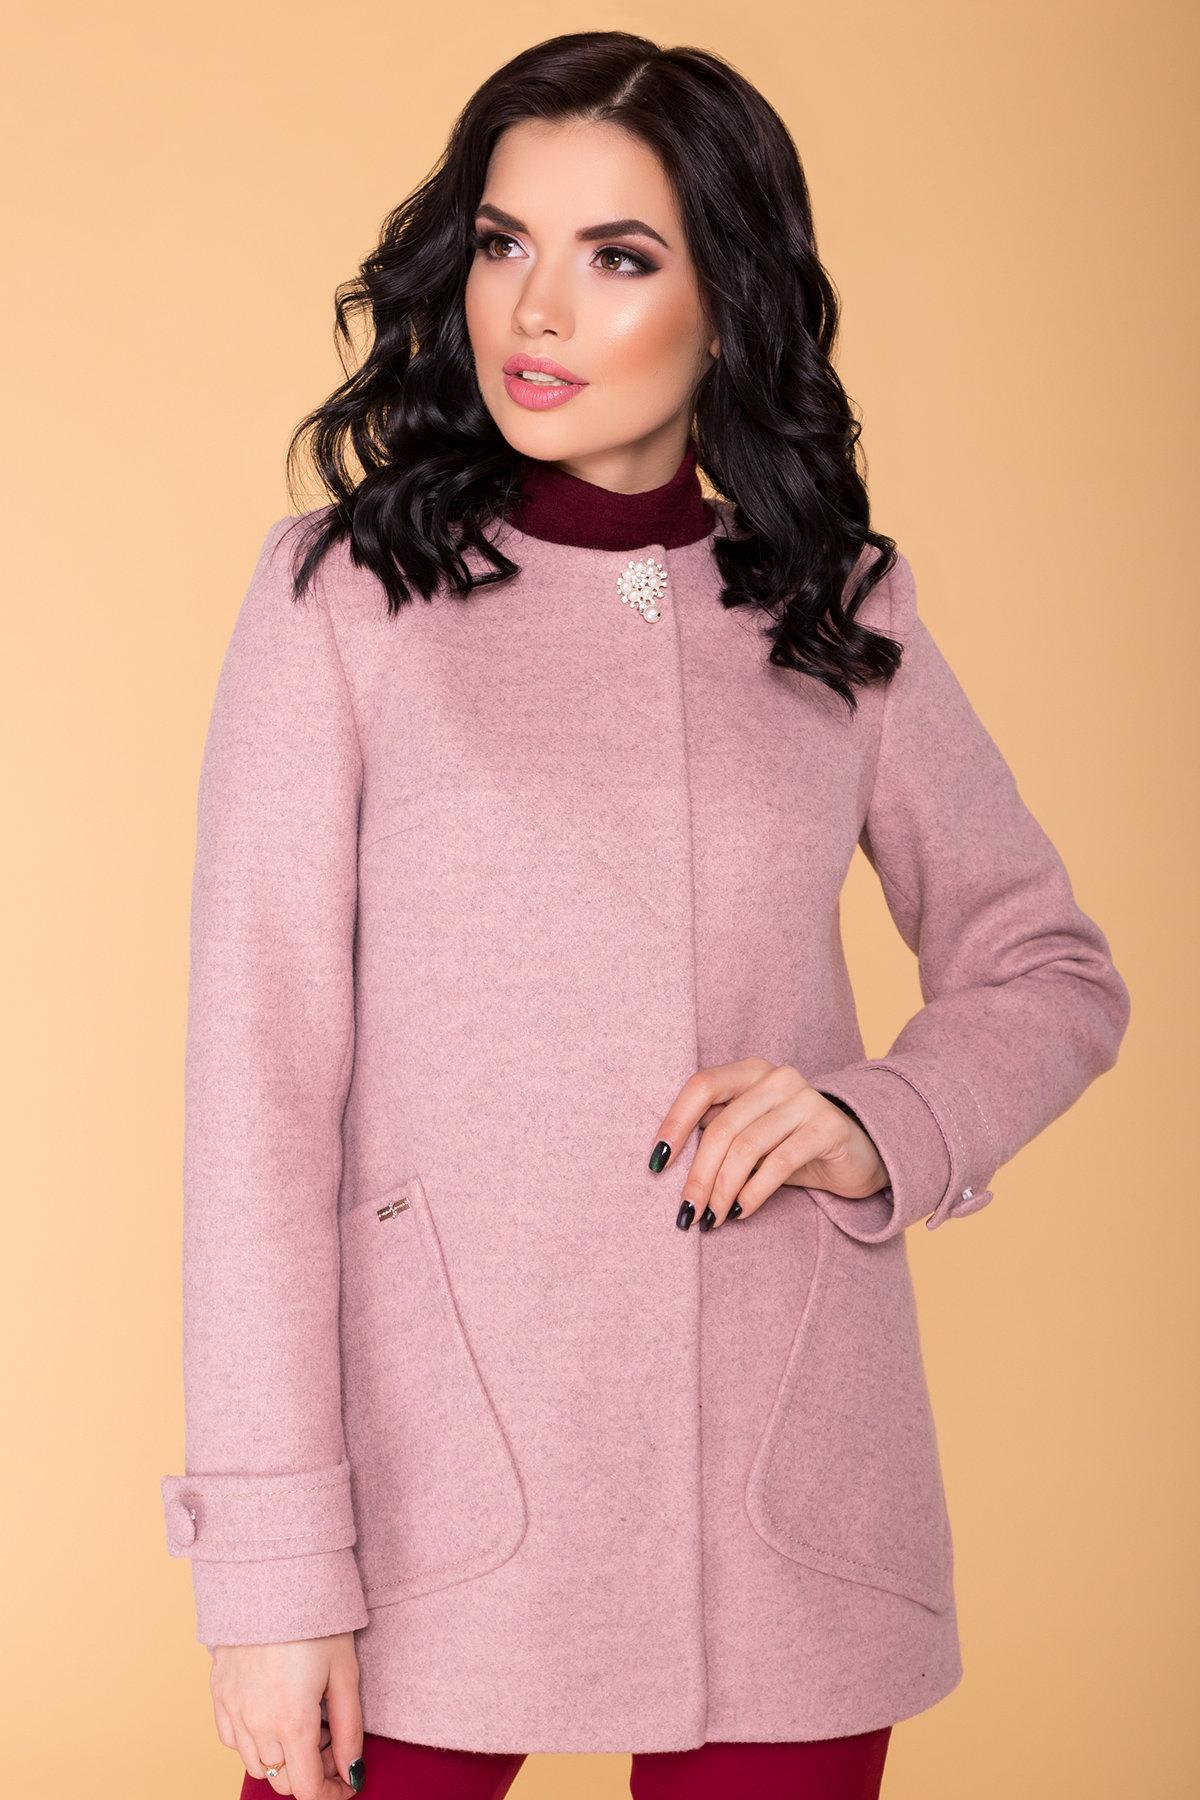 Пальто Латте 5637 АРТ. 41008 Цвет: Серо-розовый 7 - фото 4, интернет магазин tm-modus.ru